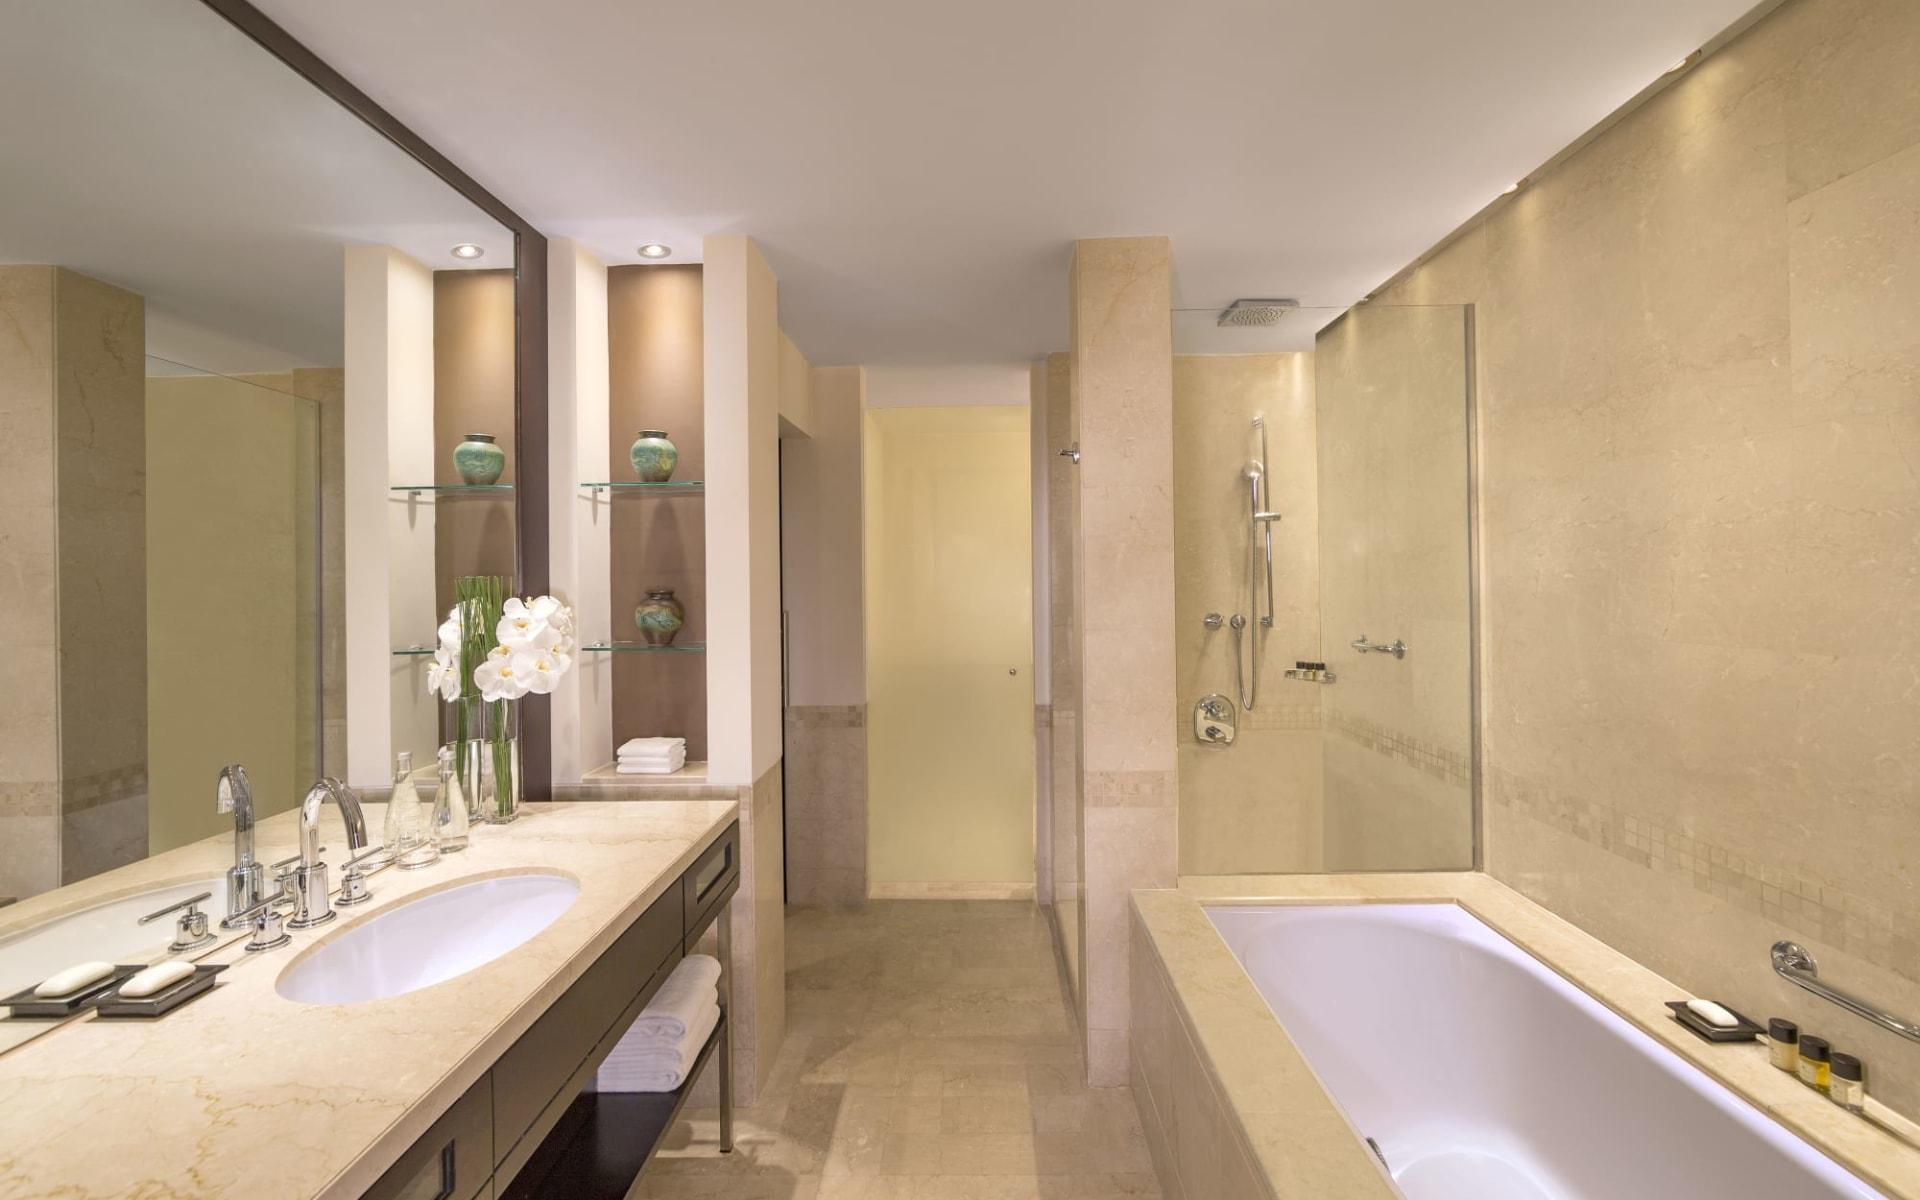 Grand Hyatt in Doha:  Grand